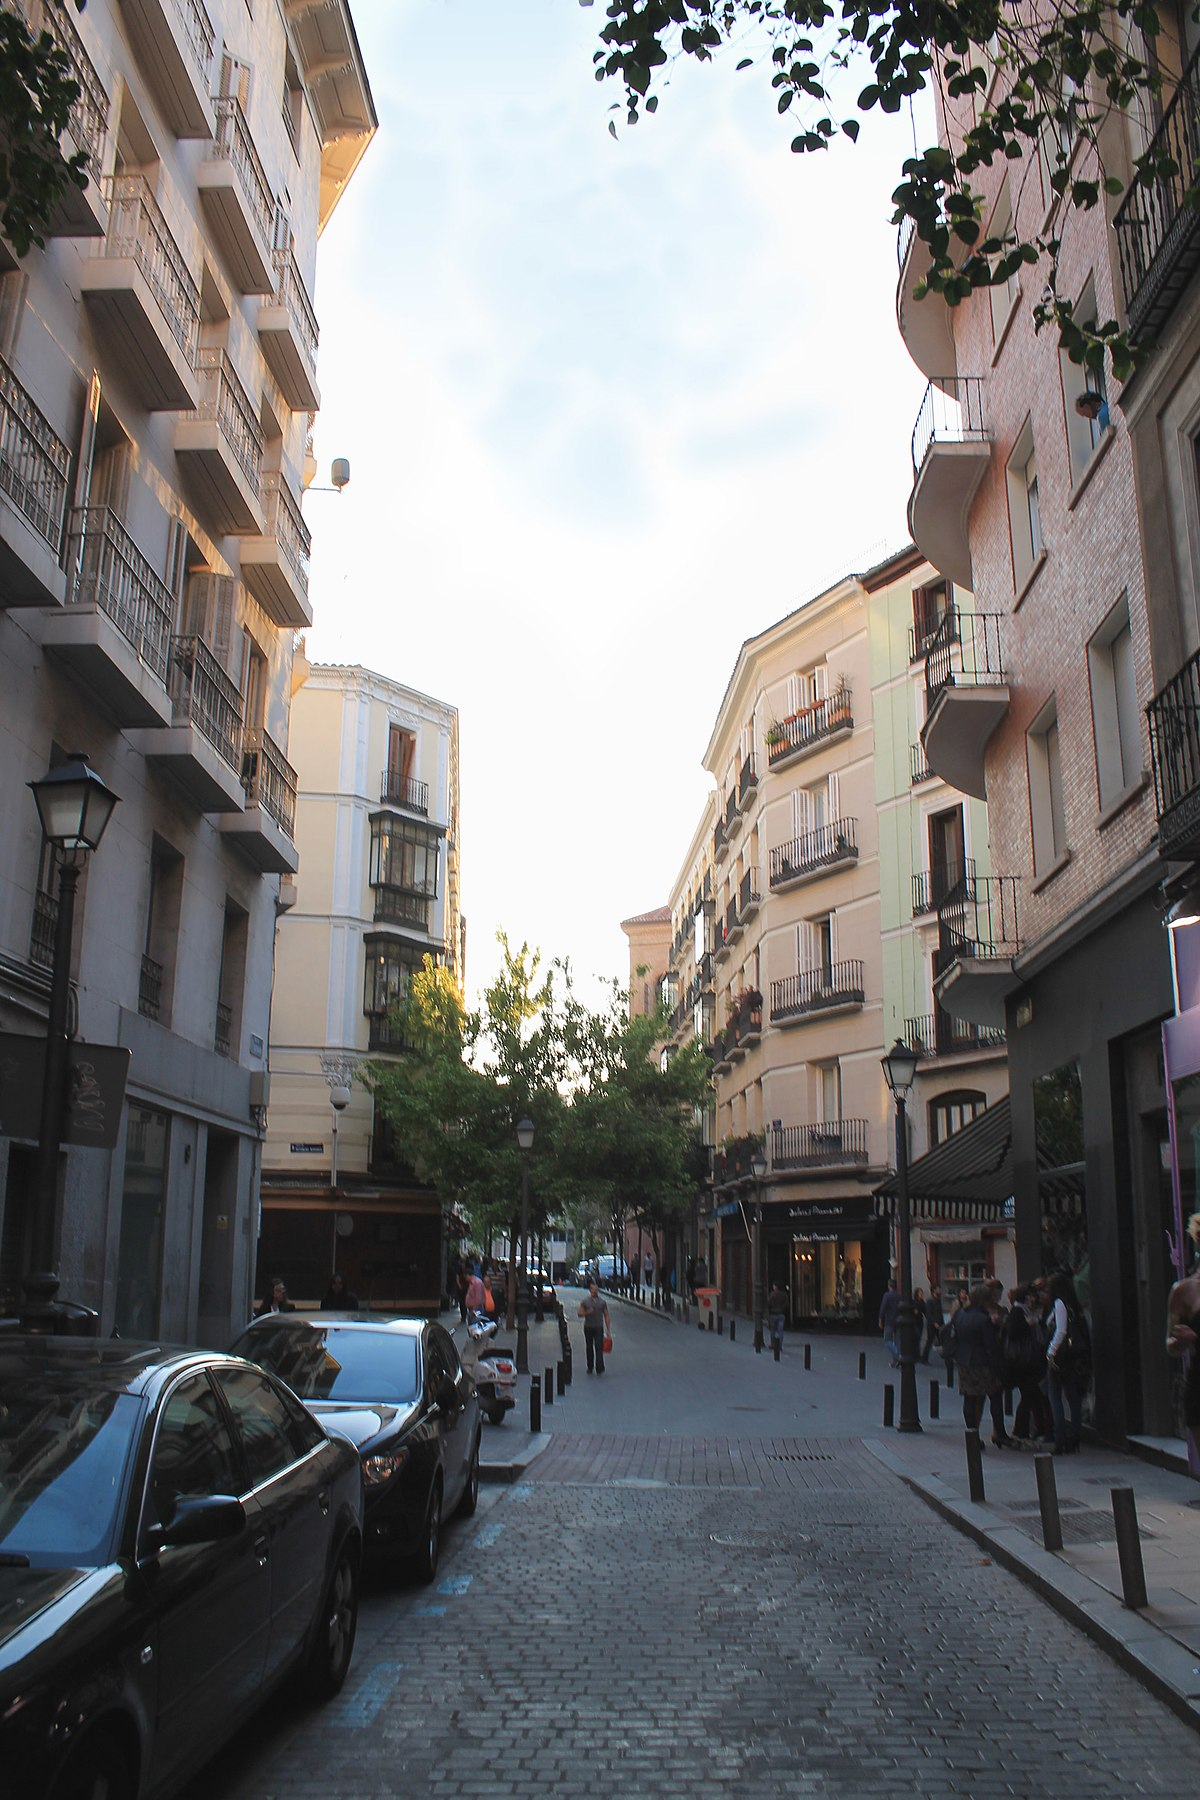 Calle del desenga o wikipedia la enciclopedia libre for Calle del prado 9 madrid espana